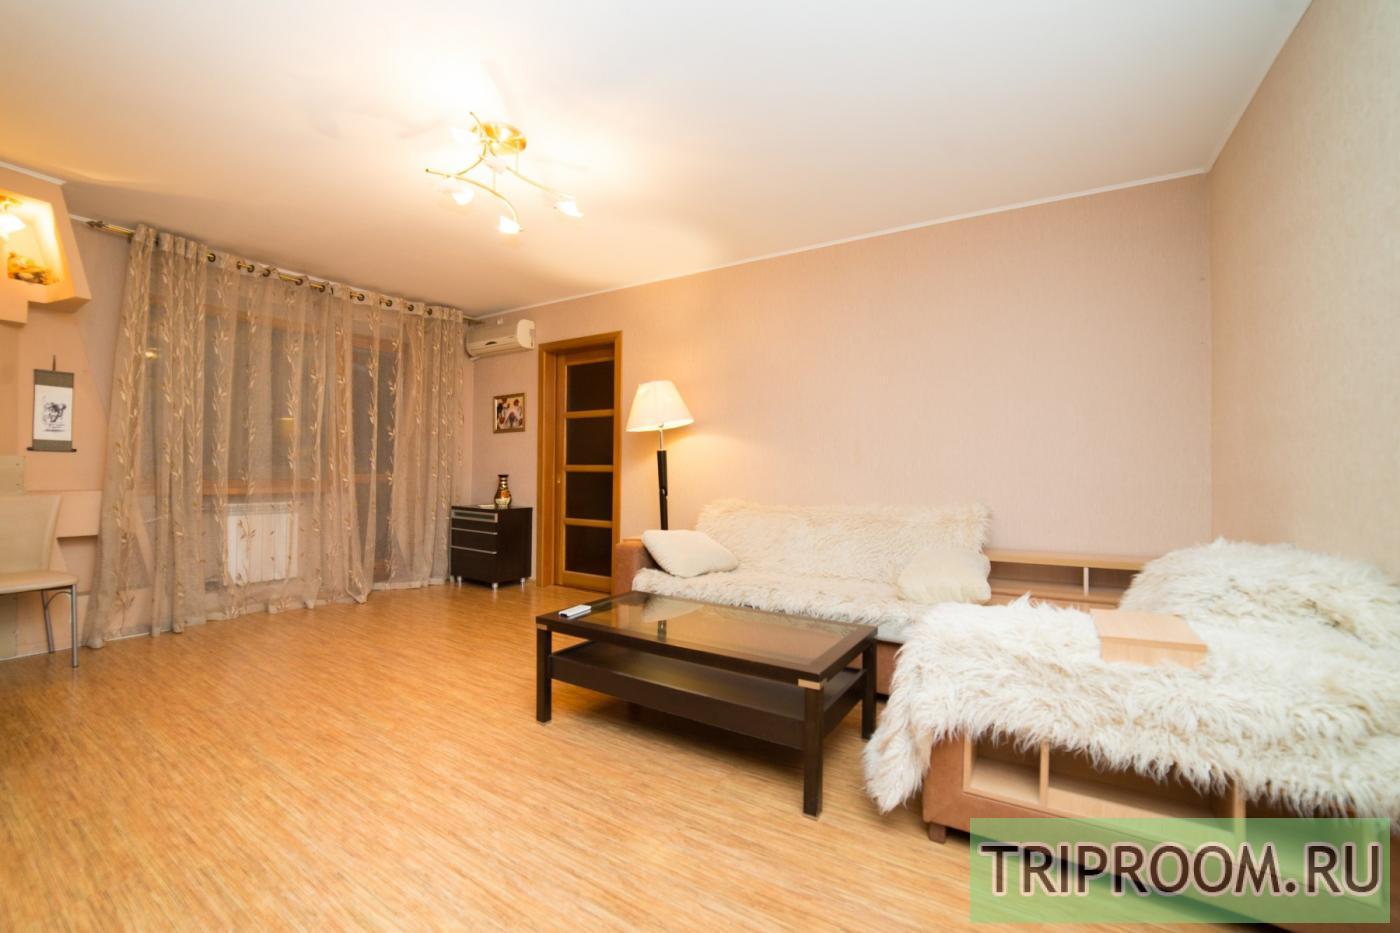 2-комнатная квартира посуточно (вариант № 27140), ул. Ленина улица, фото № 5